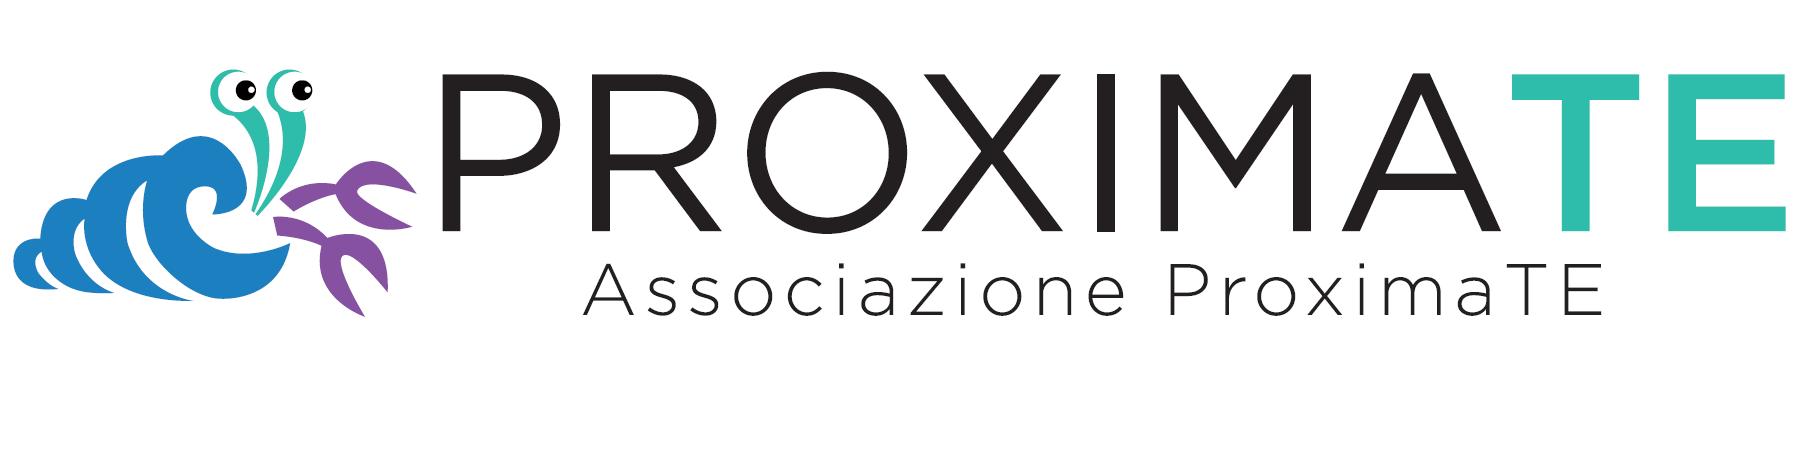 www.proximate.it